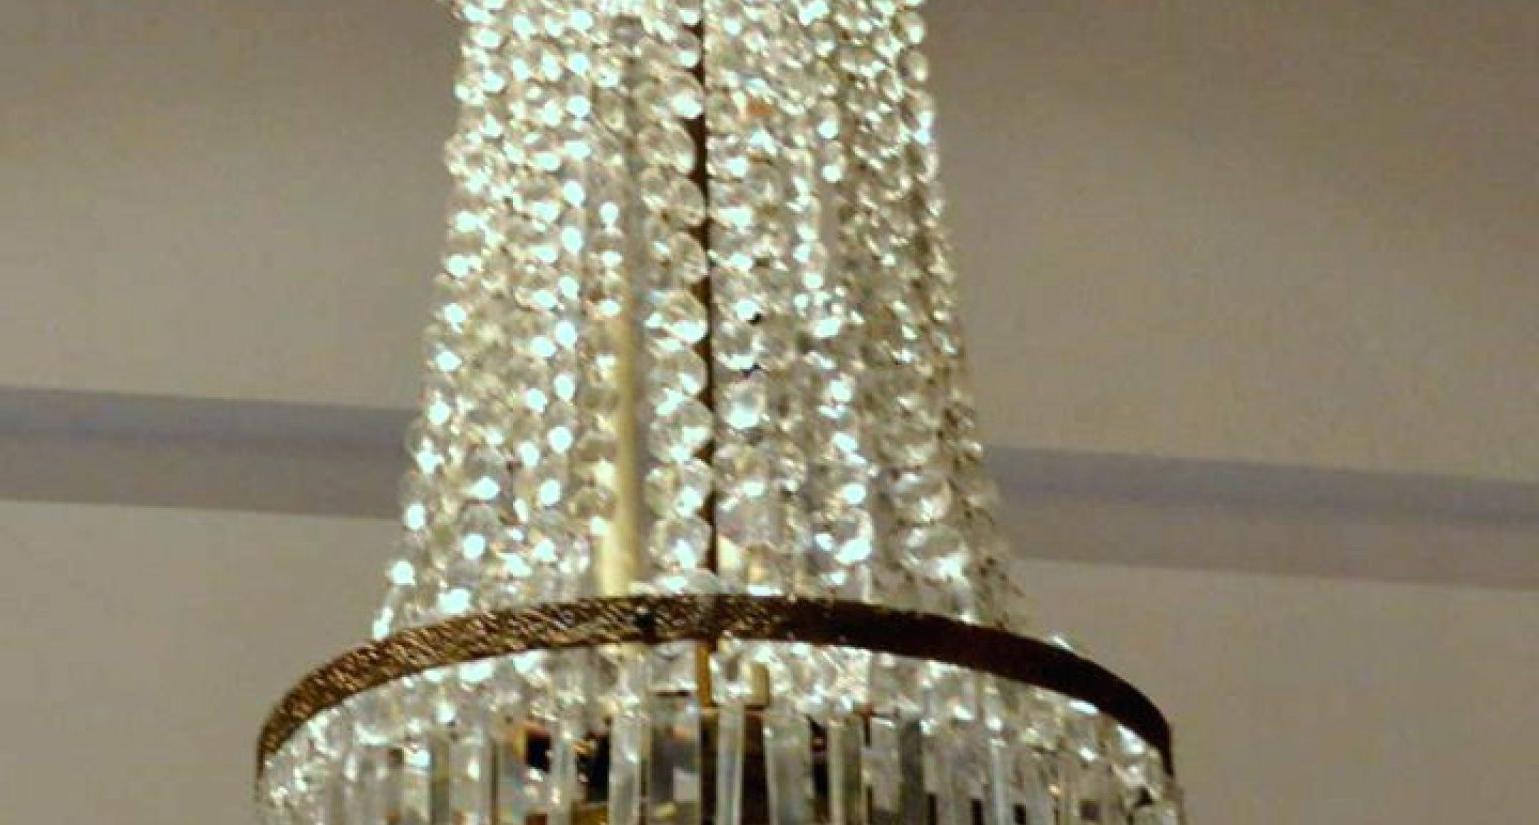 Chandelier : Top 10 Most Expensive Chandeliers In The World Within Well Known Expensive Chandeliers (View 15 of 15)